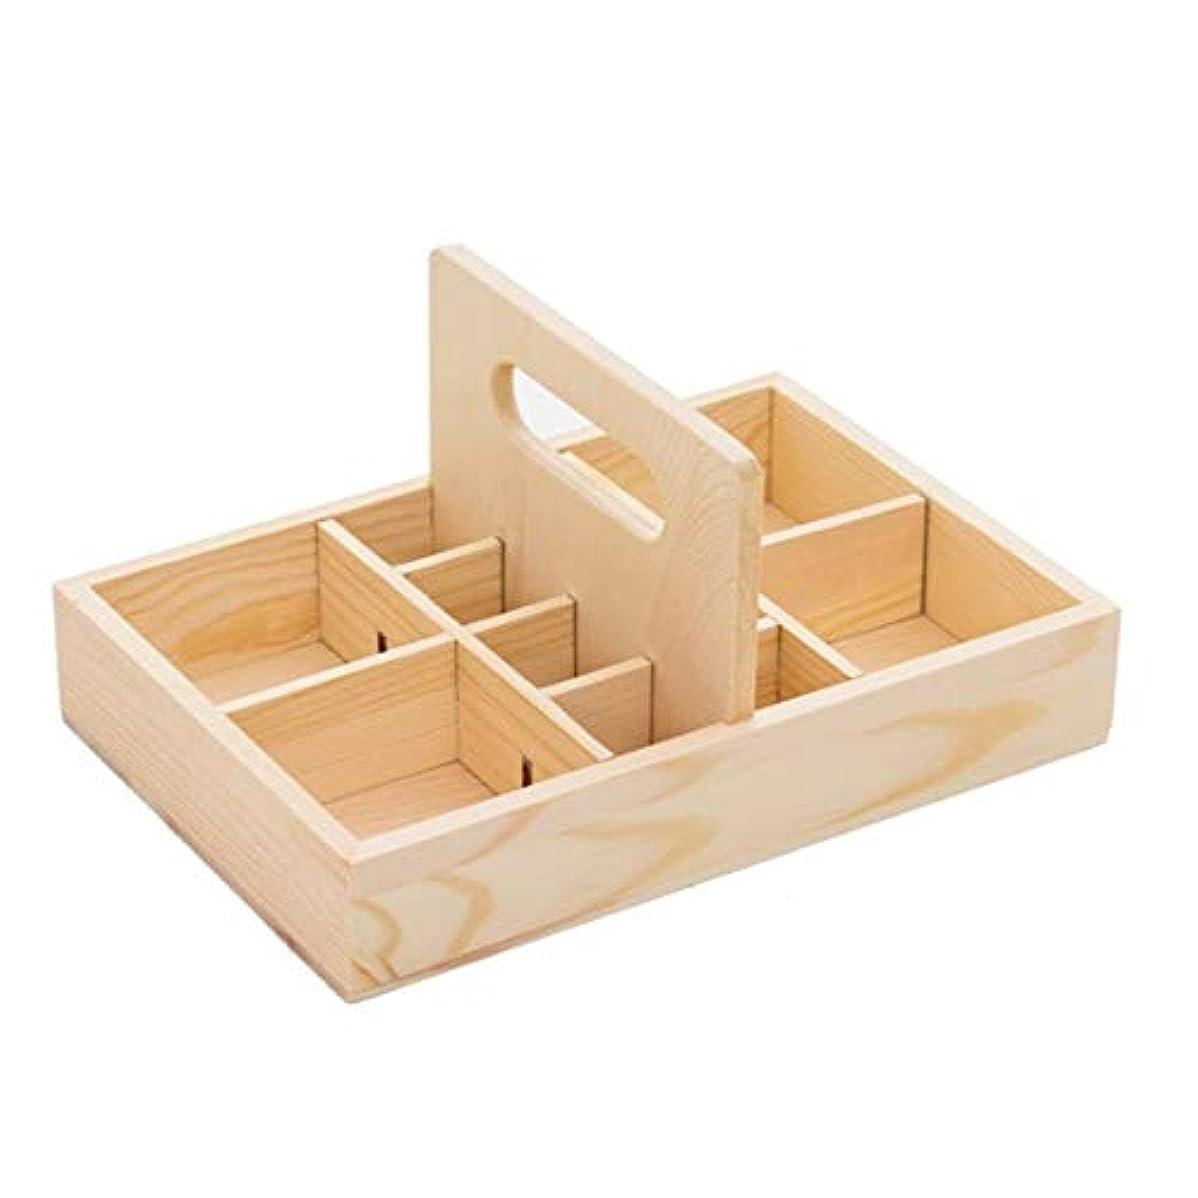 相手起きろ動かないエッセンシャルオイル収納ボックス キャリー付きエッセンシャルオイルストレージボックスオーガナイザーは木製油ケースホルダーをハンドル (色 : Natural, サイズ : 22X15X4.2CM)